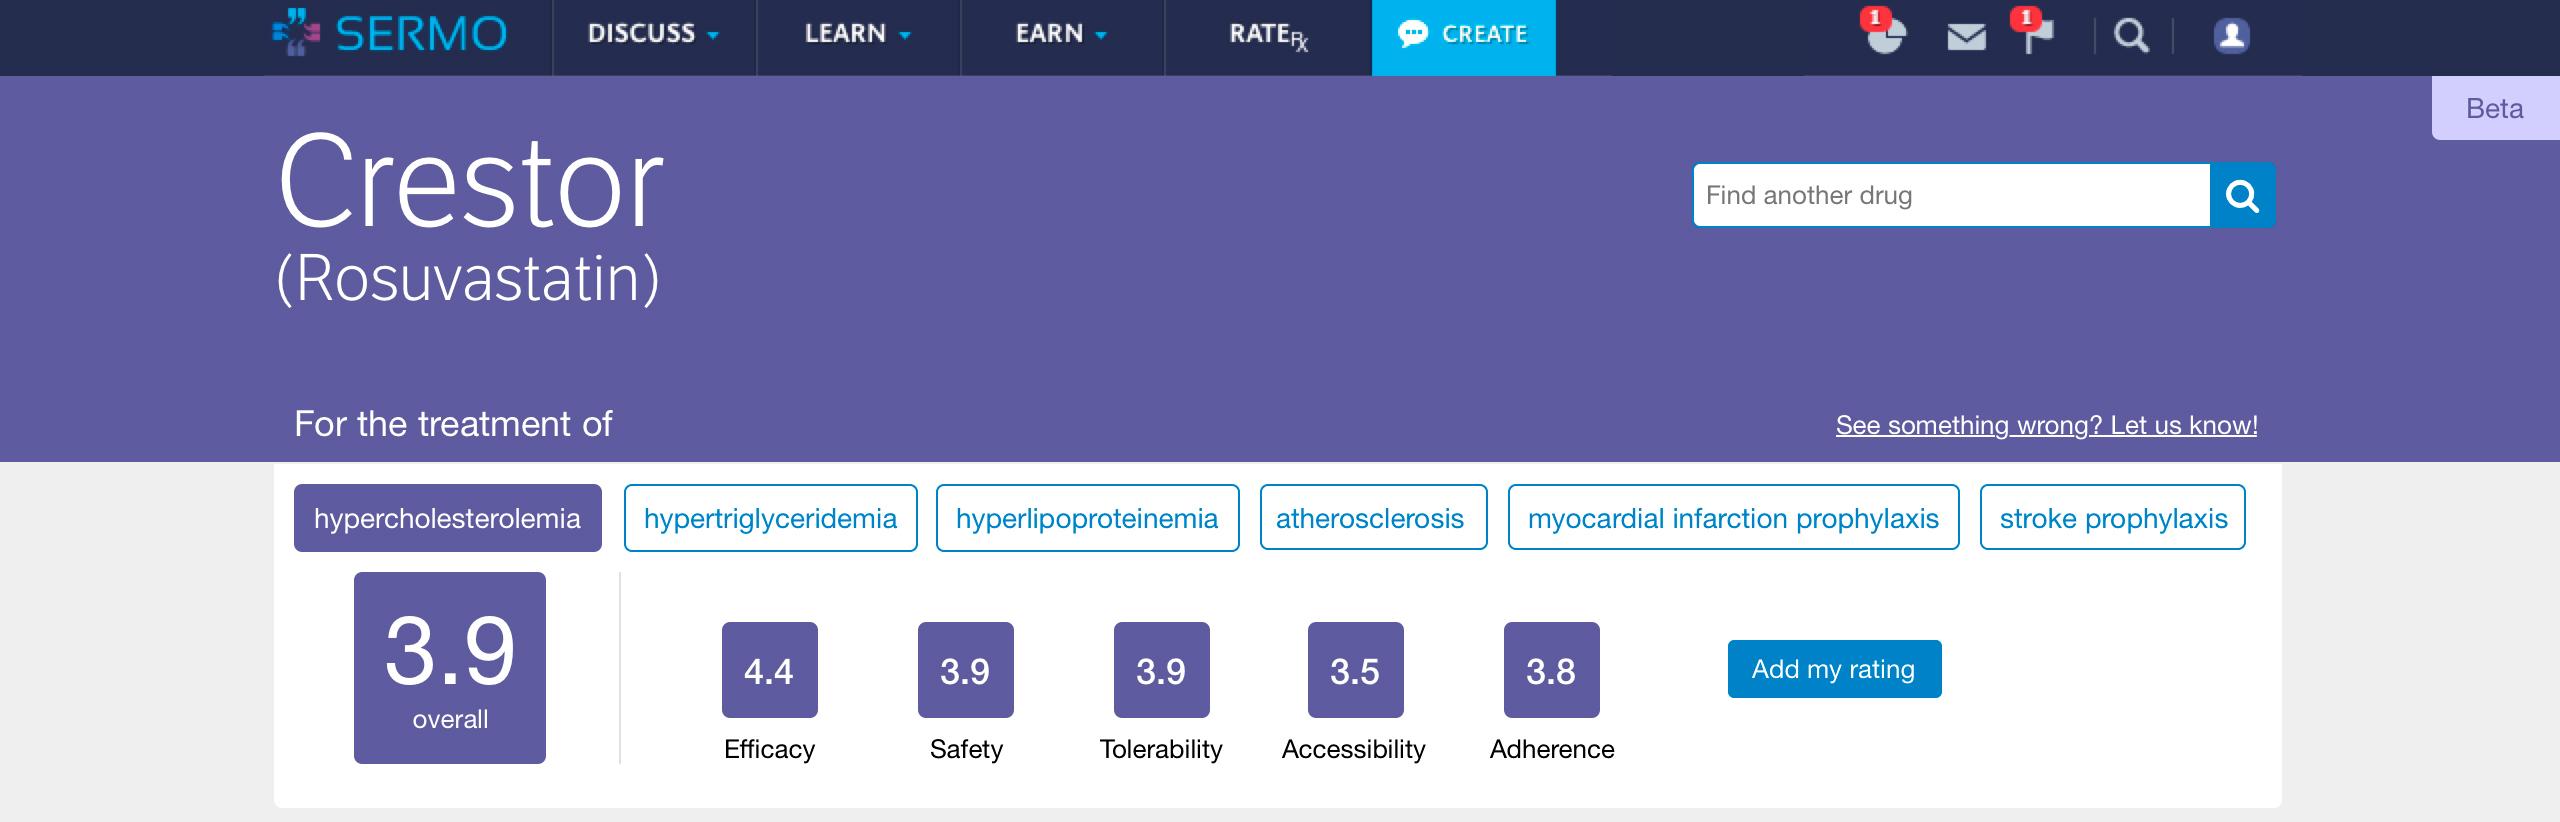 SERMO、初のグローバルな医師間医薬品評価ツールを発表(画像:ビジネスワイヤ)